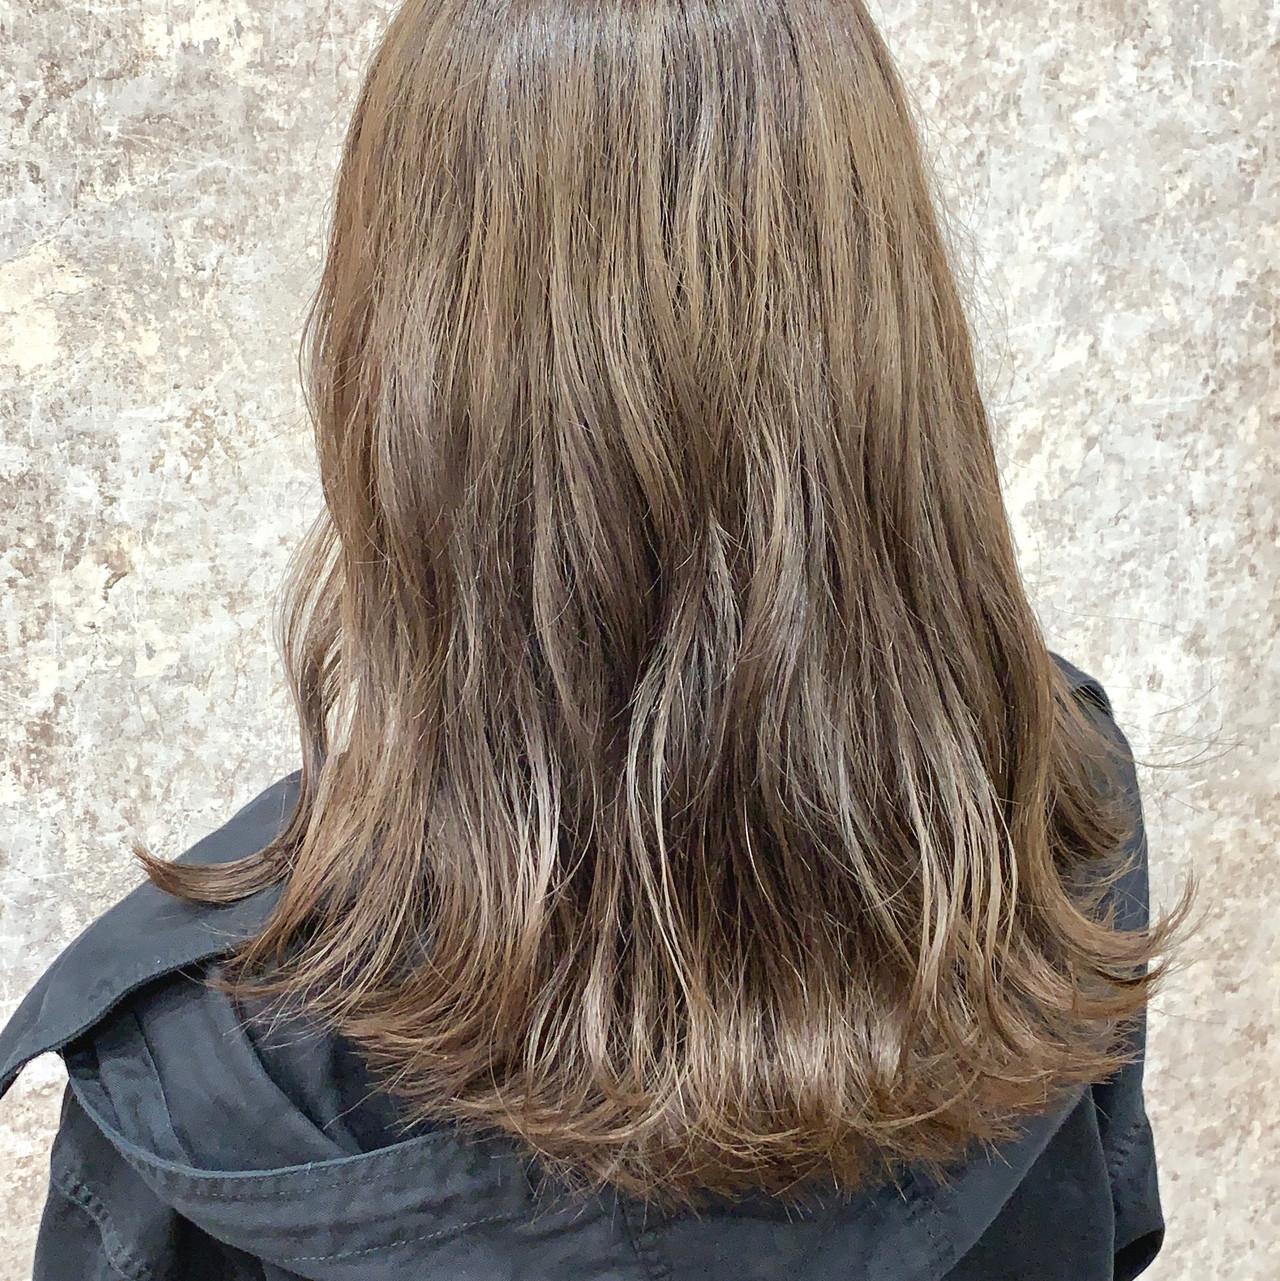 ブラウンベージュ フェミニン ベージュ ミルクティーベージュ ヘアスタイルや髪型の写真・画像